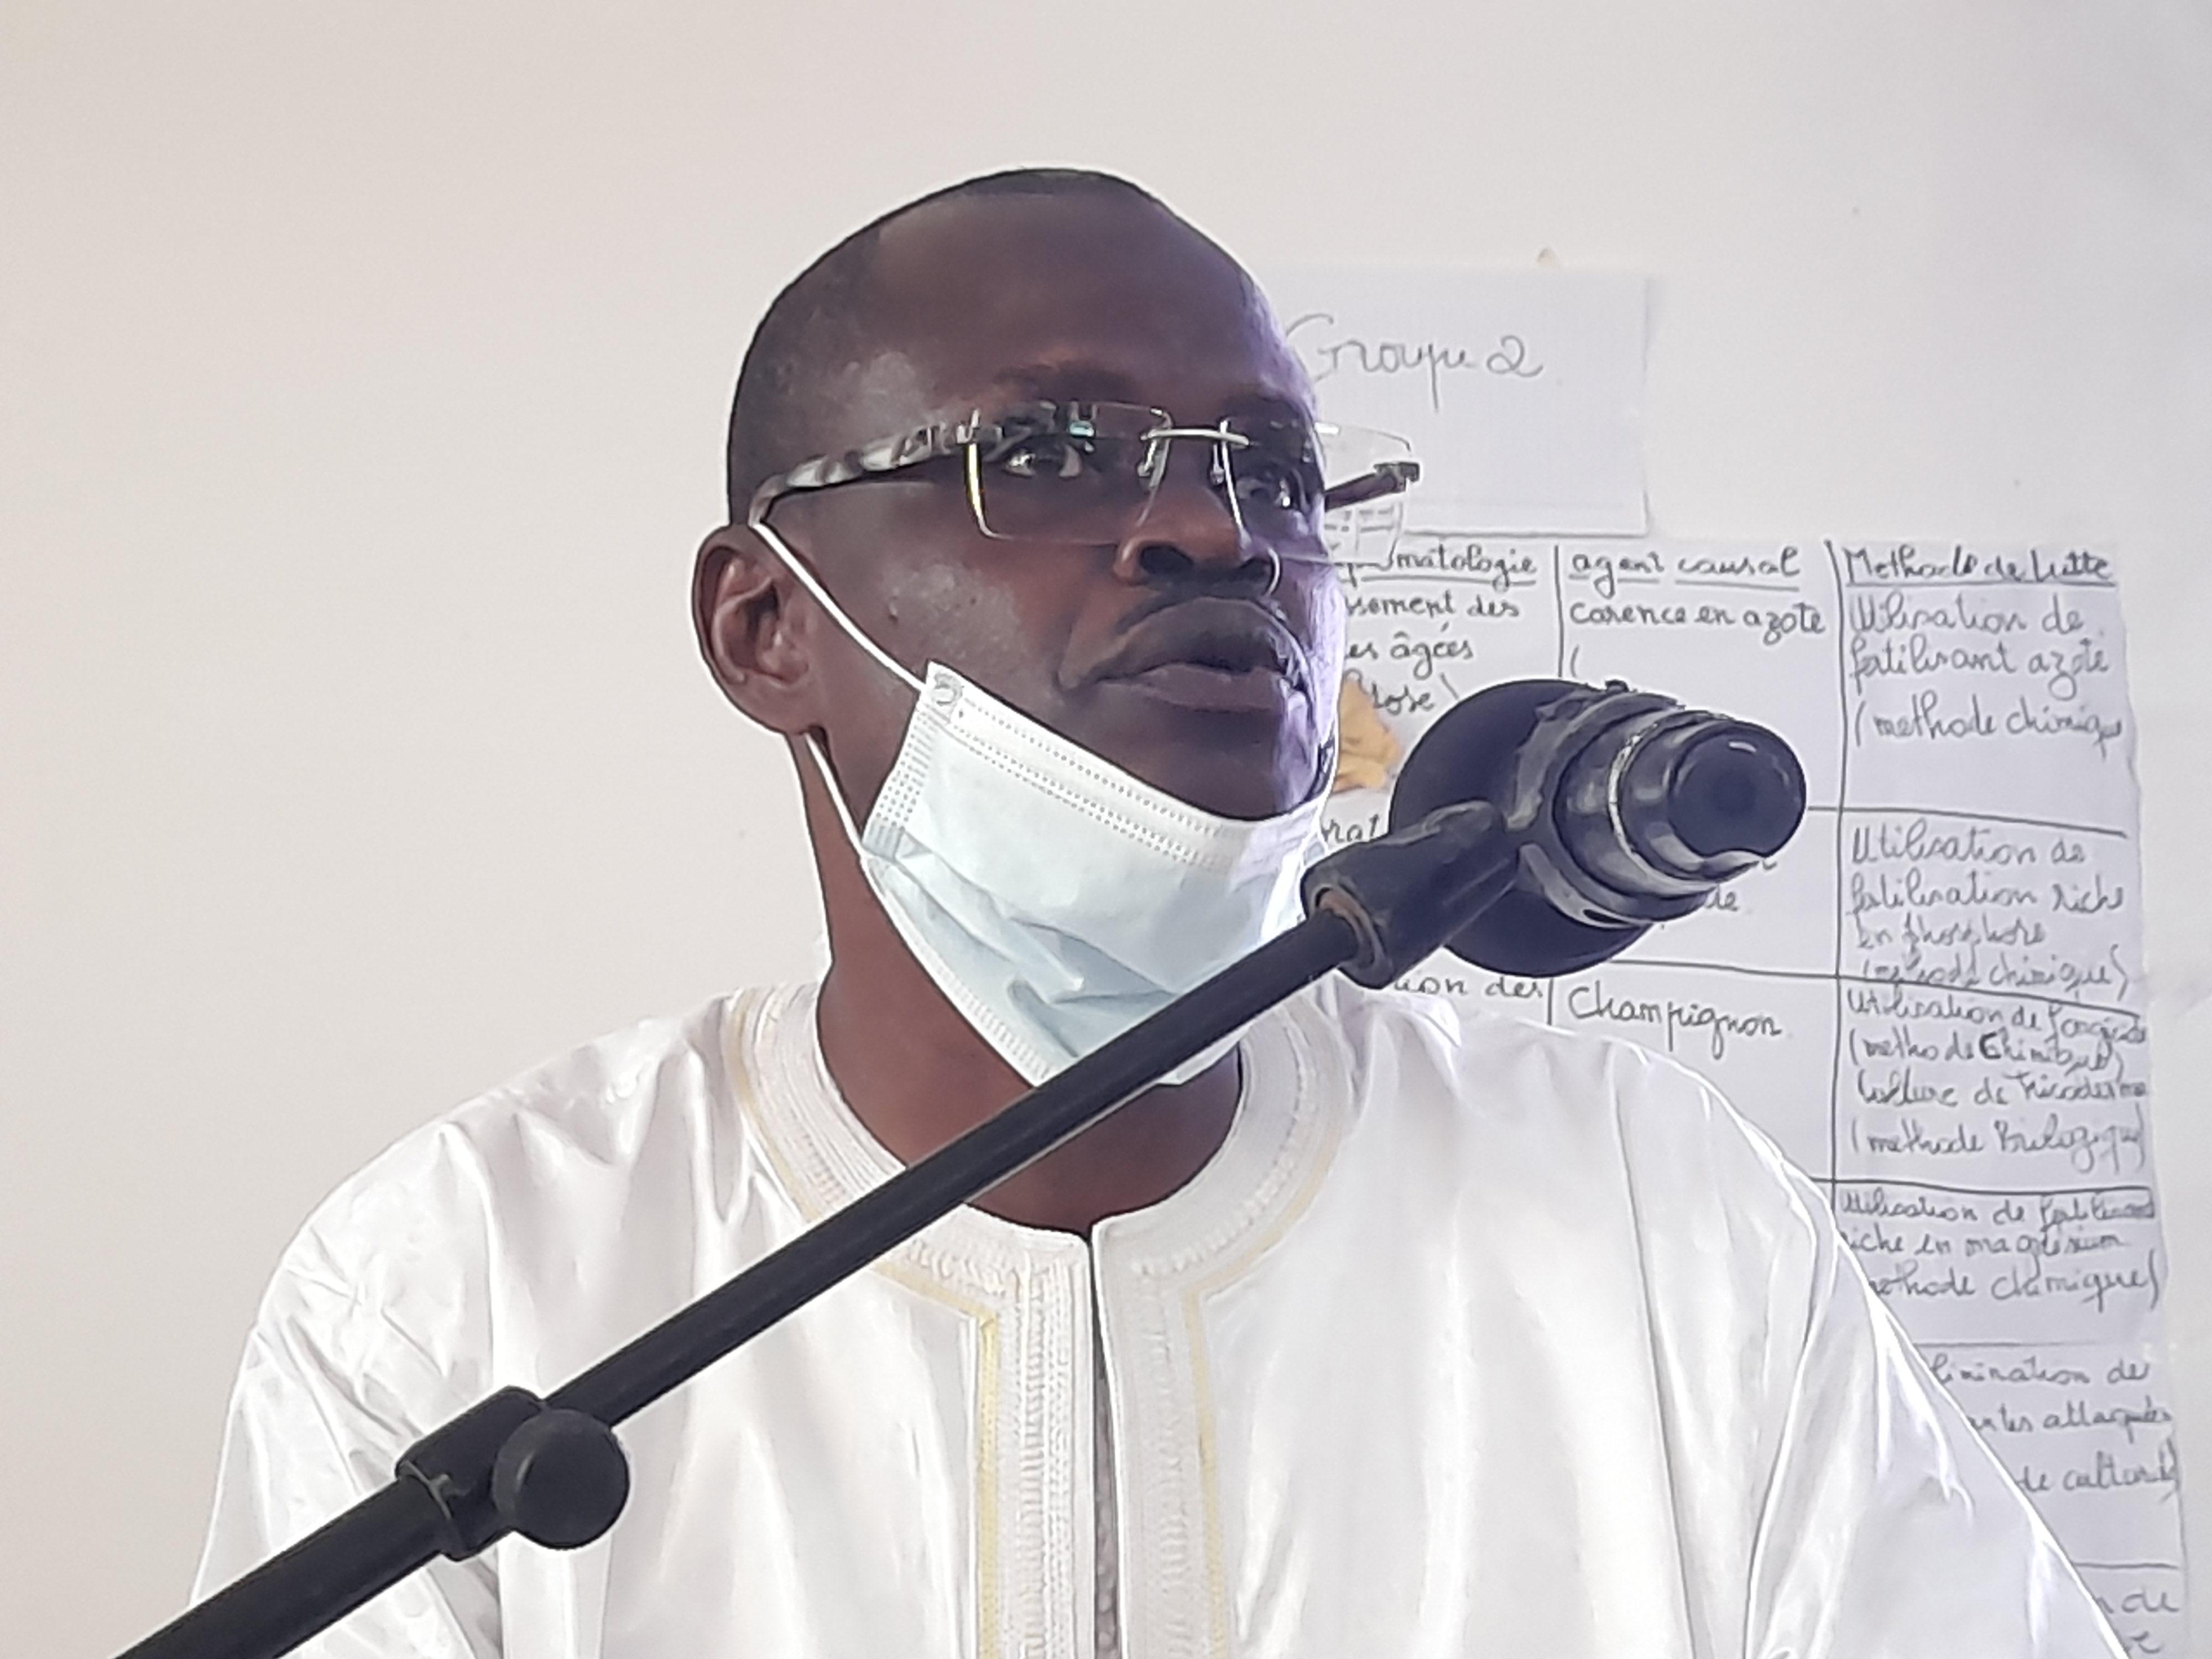 Forum sur l'insertion et l'emploi des jeunes à Kaolack / Docteur Macoumba Diouf : «Nous devons ériger le secteur agricole en général et le sous secteur de l'horticulture en particulier, en première priorité...»